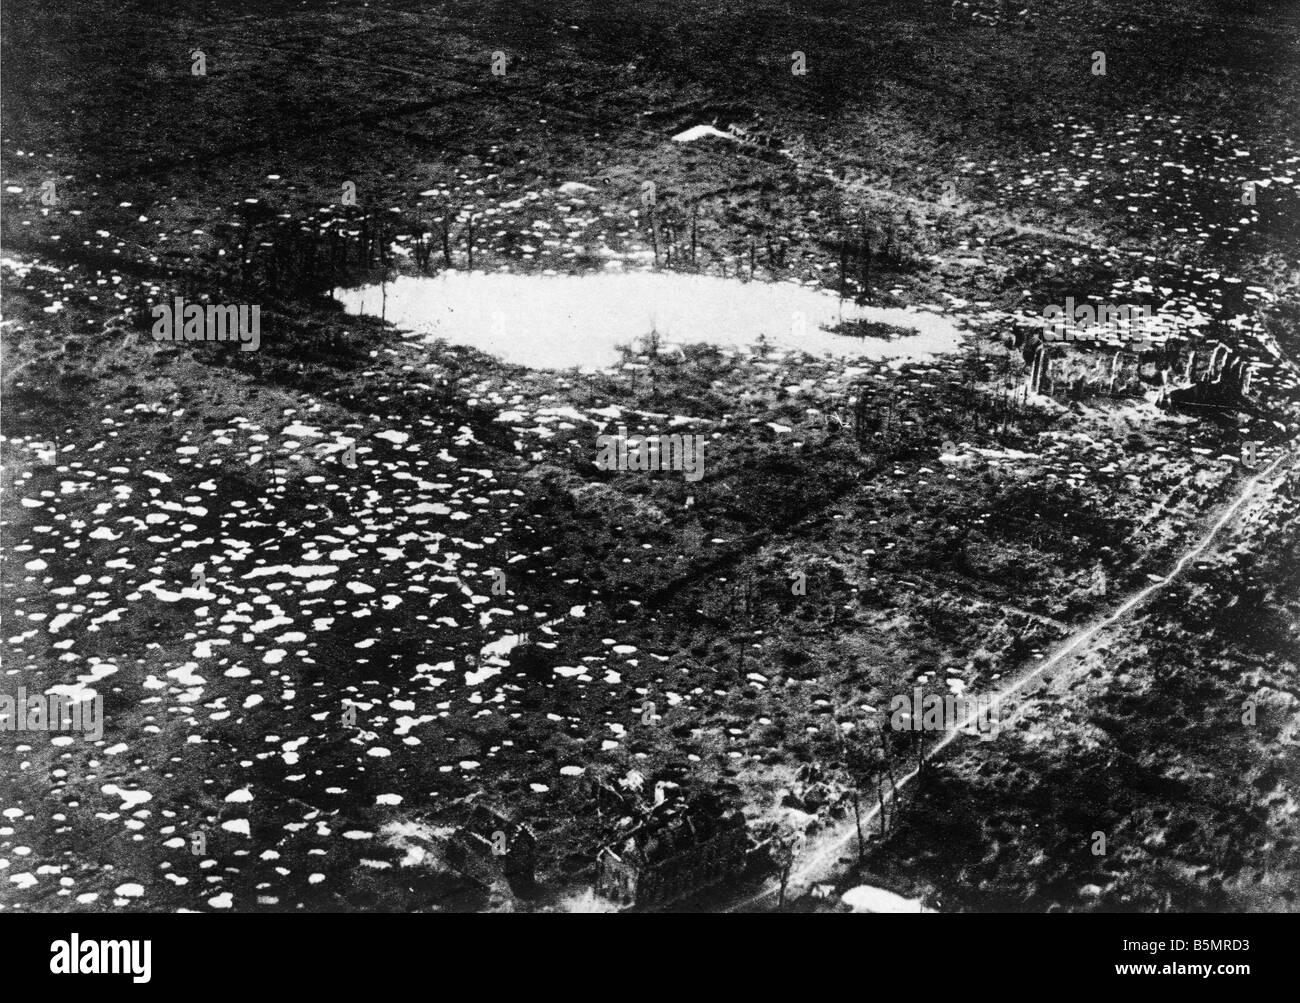 9 1917 104 A1 E Zounebeke dans la bataille des Flandres 1917 World War 1 1914 18 Western Front Bataille de Flandre 31 juillet beg déc emb Banque D'Images